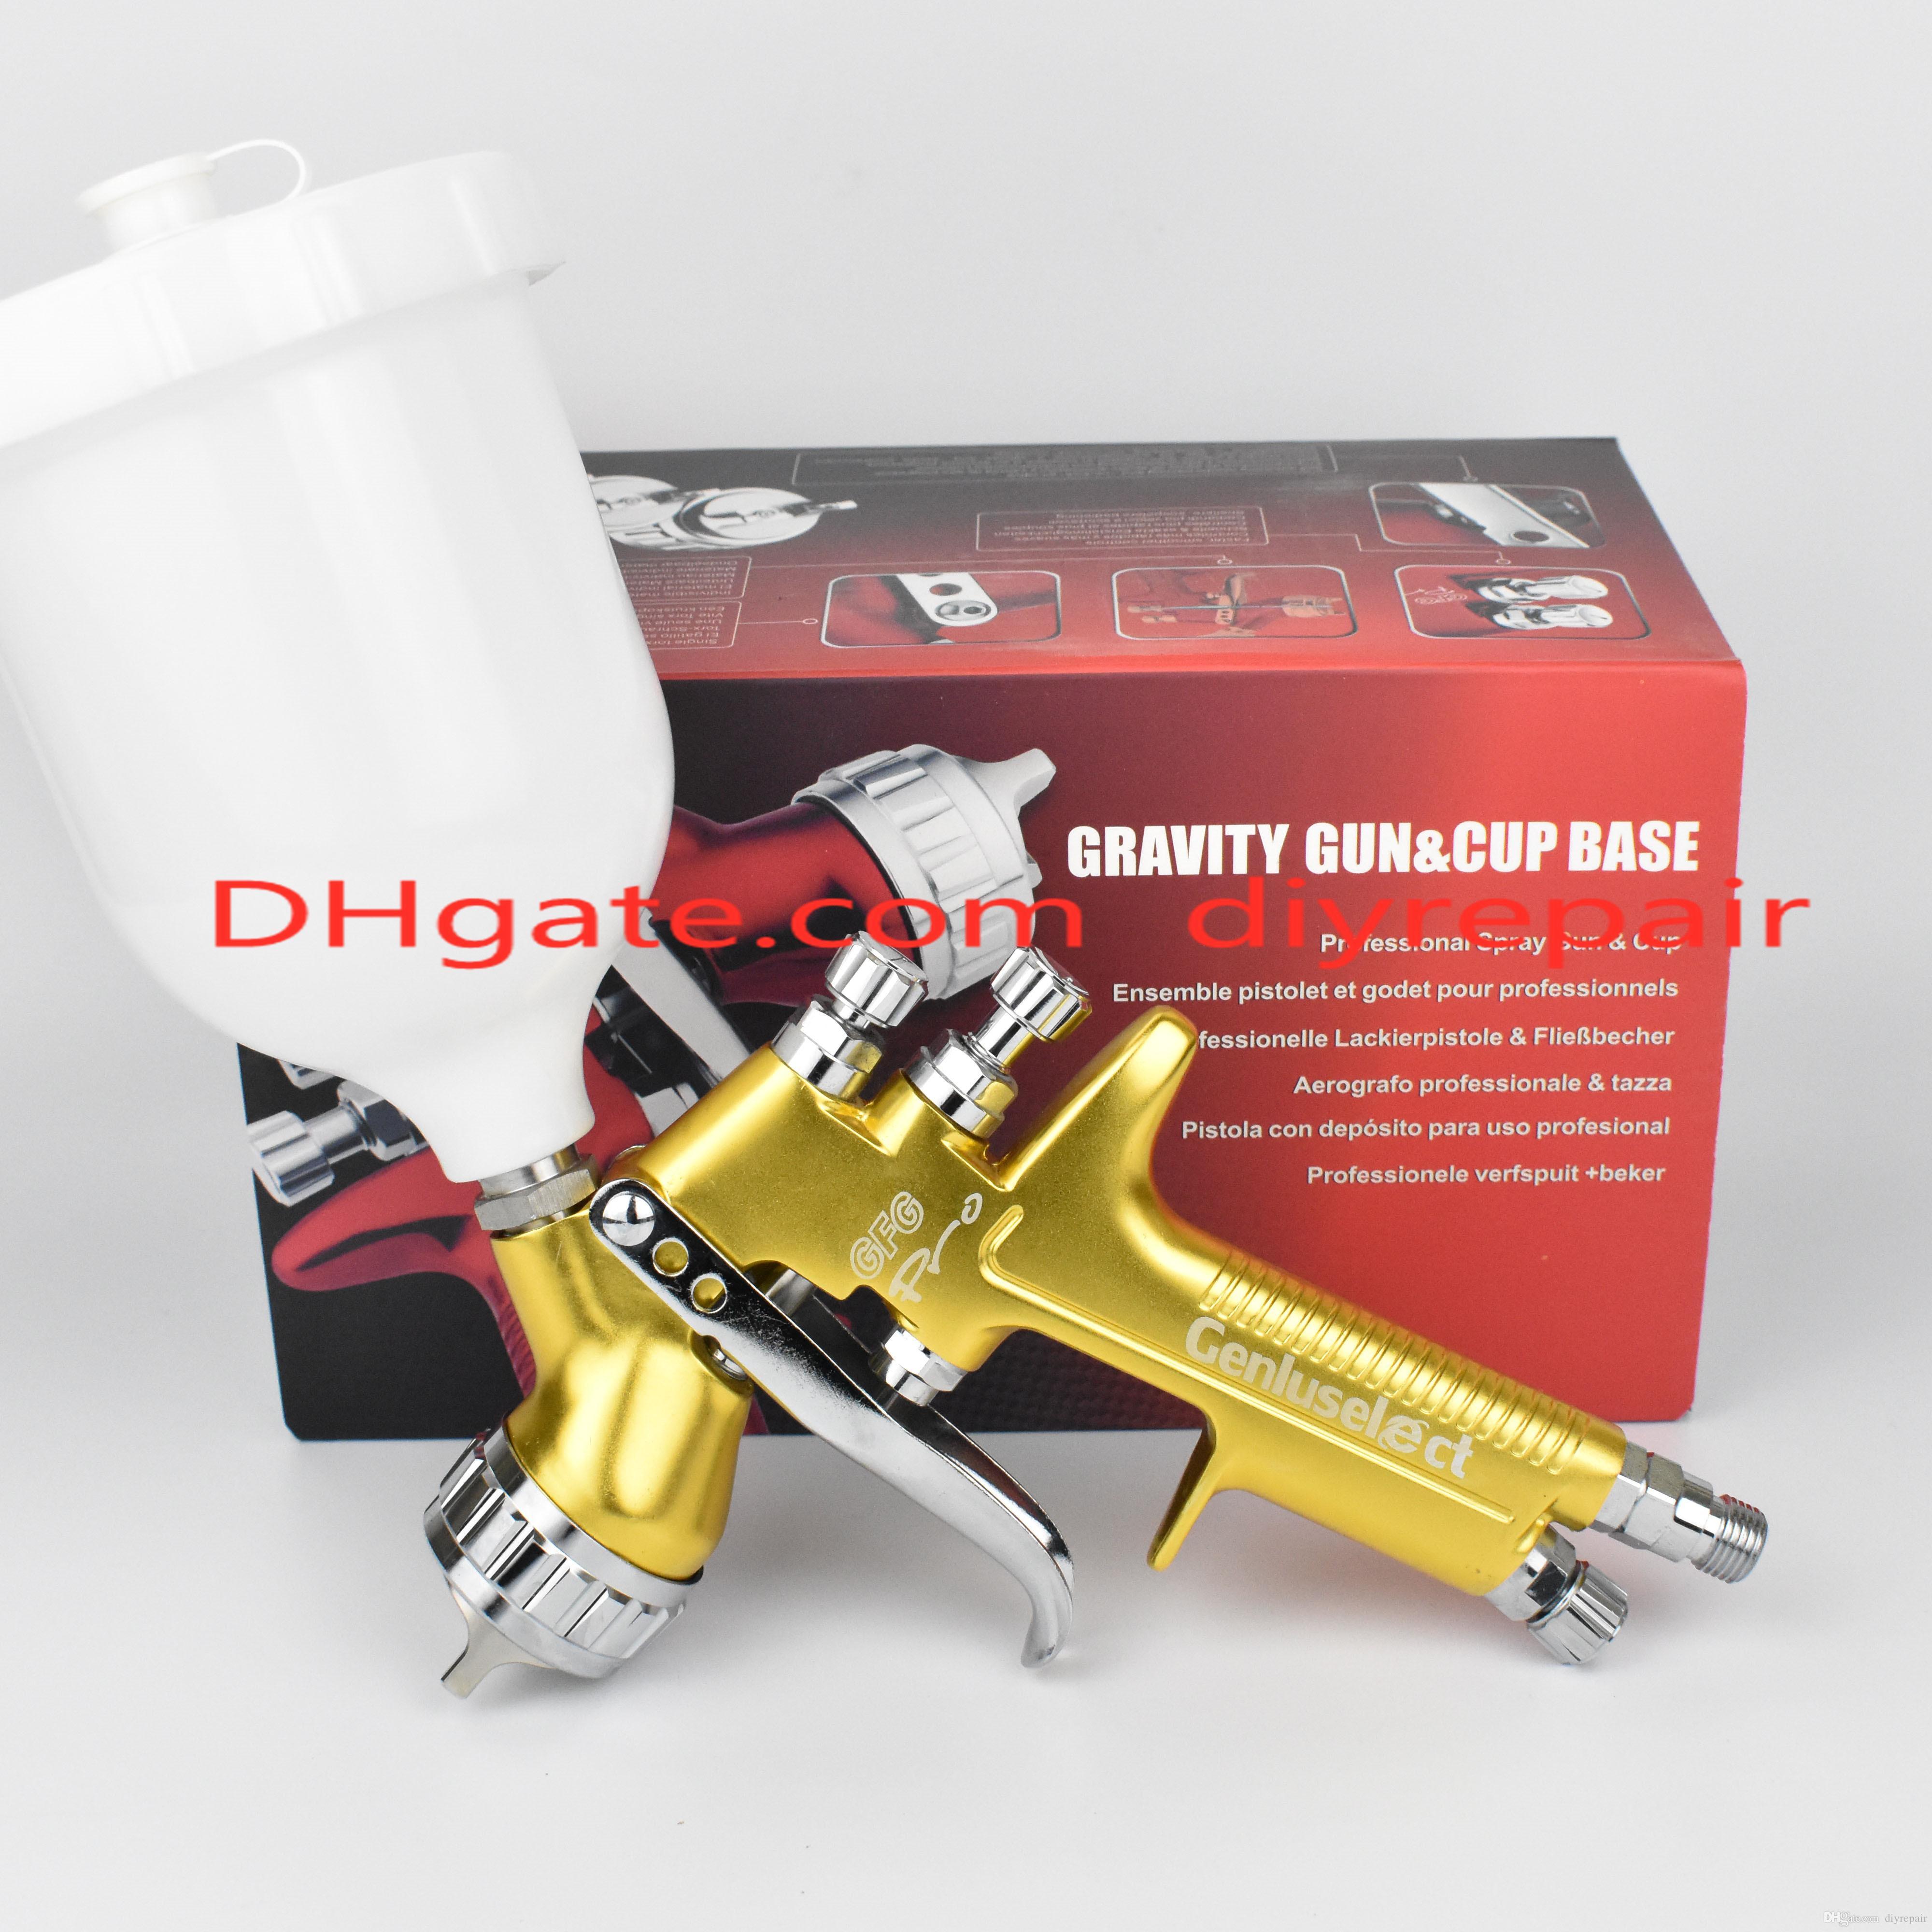 Limited Edition Высокое Качество Золотой GFG Pro Профессиональный пистолет-распылитель HVLP Автоматический пистолет-распылитель Высокоэффективный туман